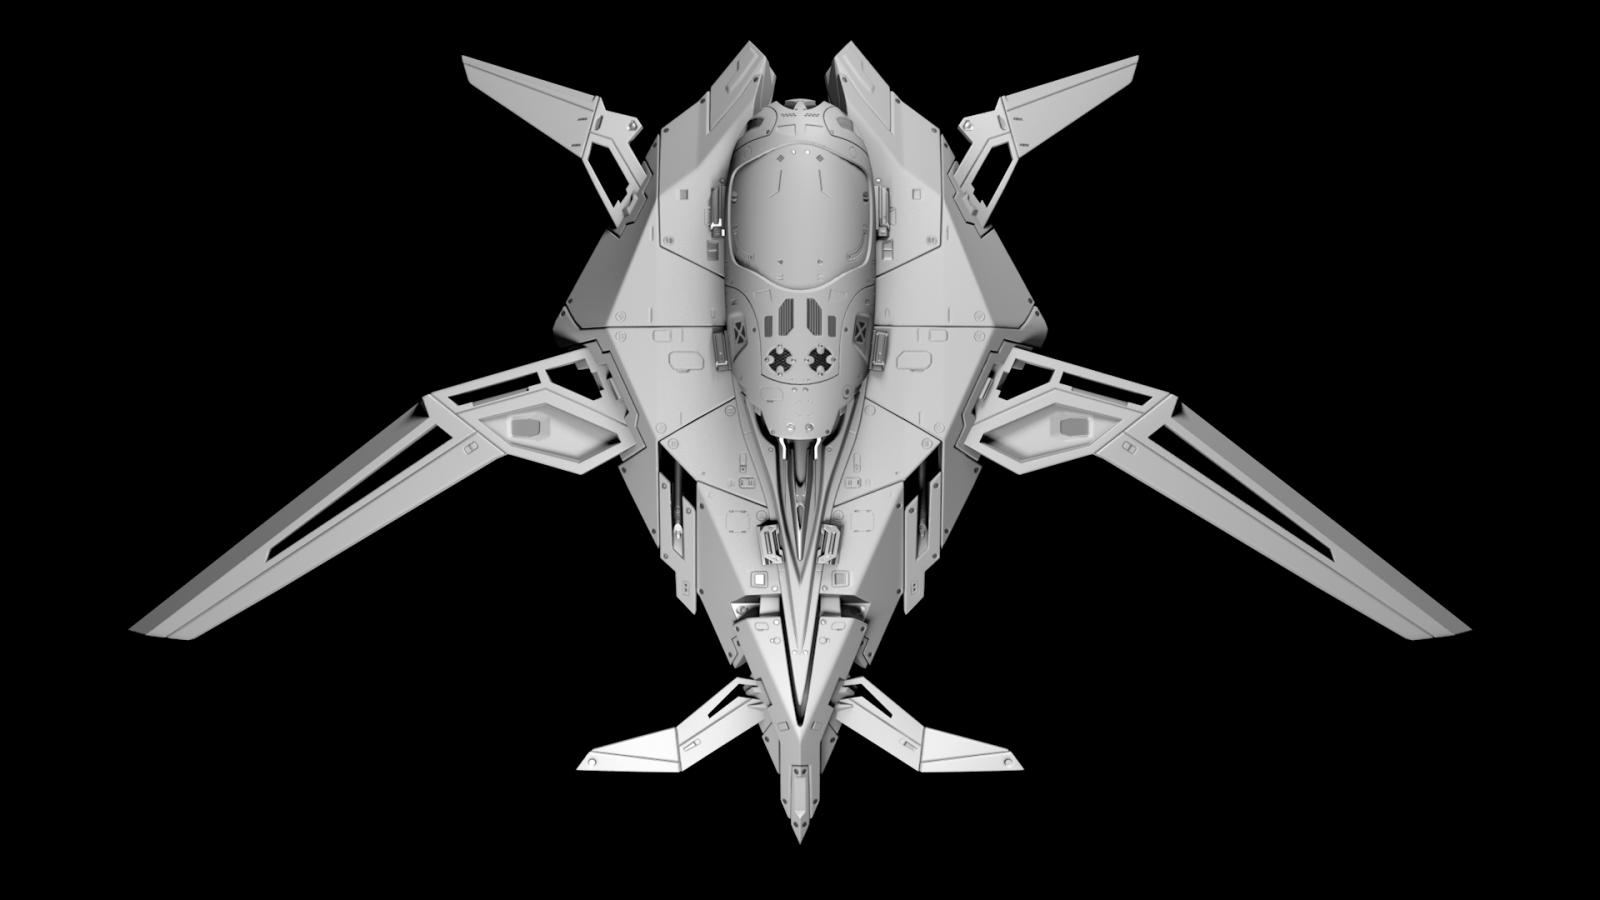 X-flier-1080-2.png